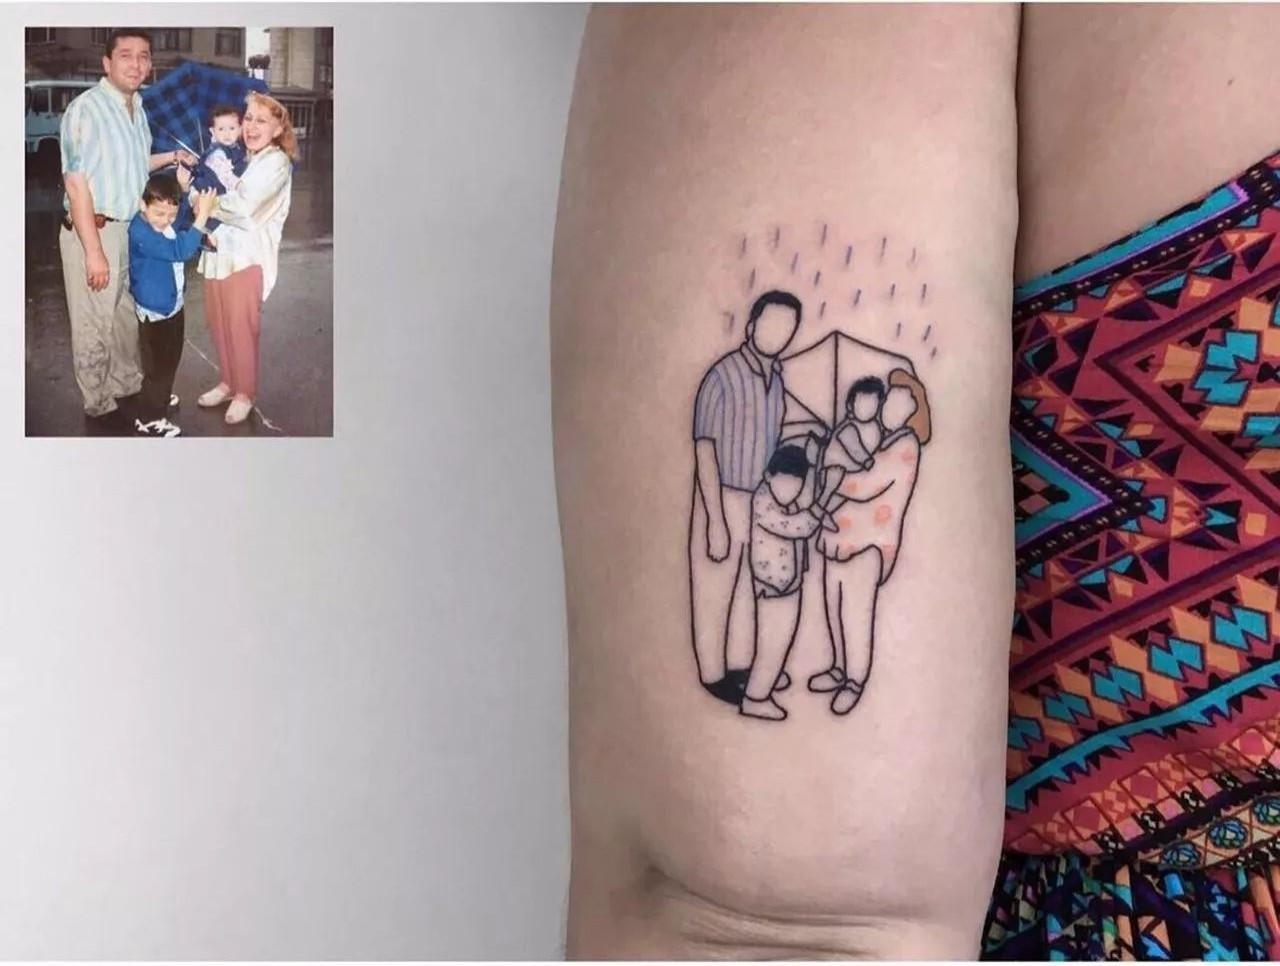 在所有旧照片纹身中 有关家人的内容占了最大比例 爱人/父母/孩子 有